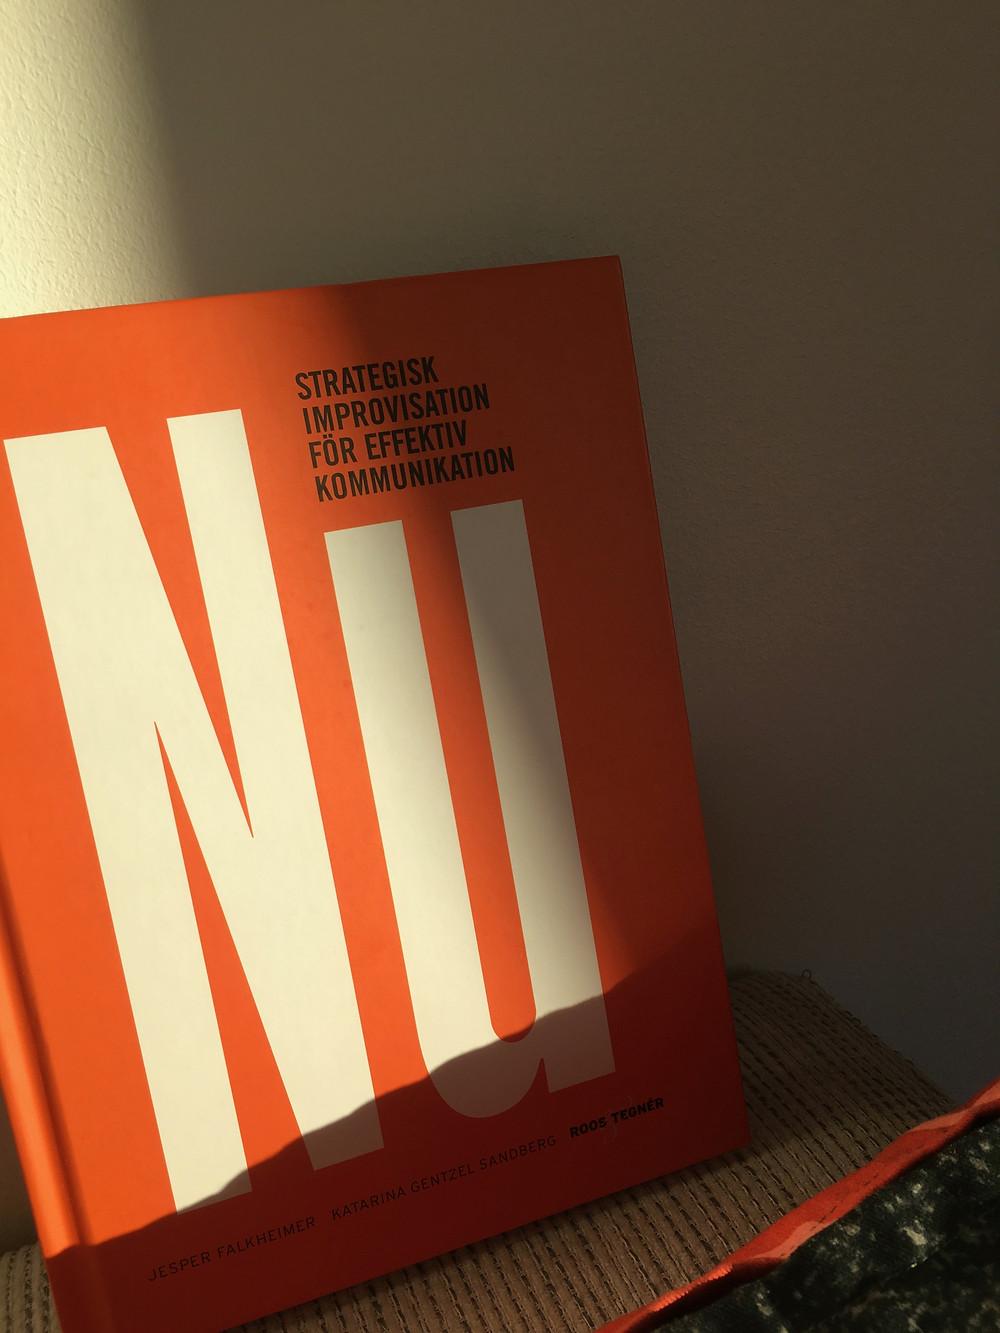 bok strategisk improvisation för effektiv kommunikation